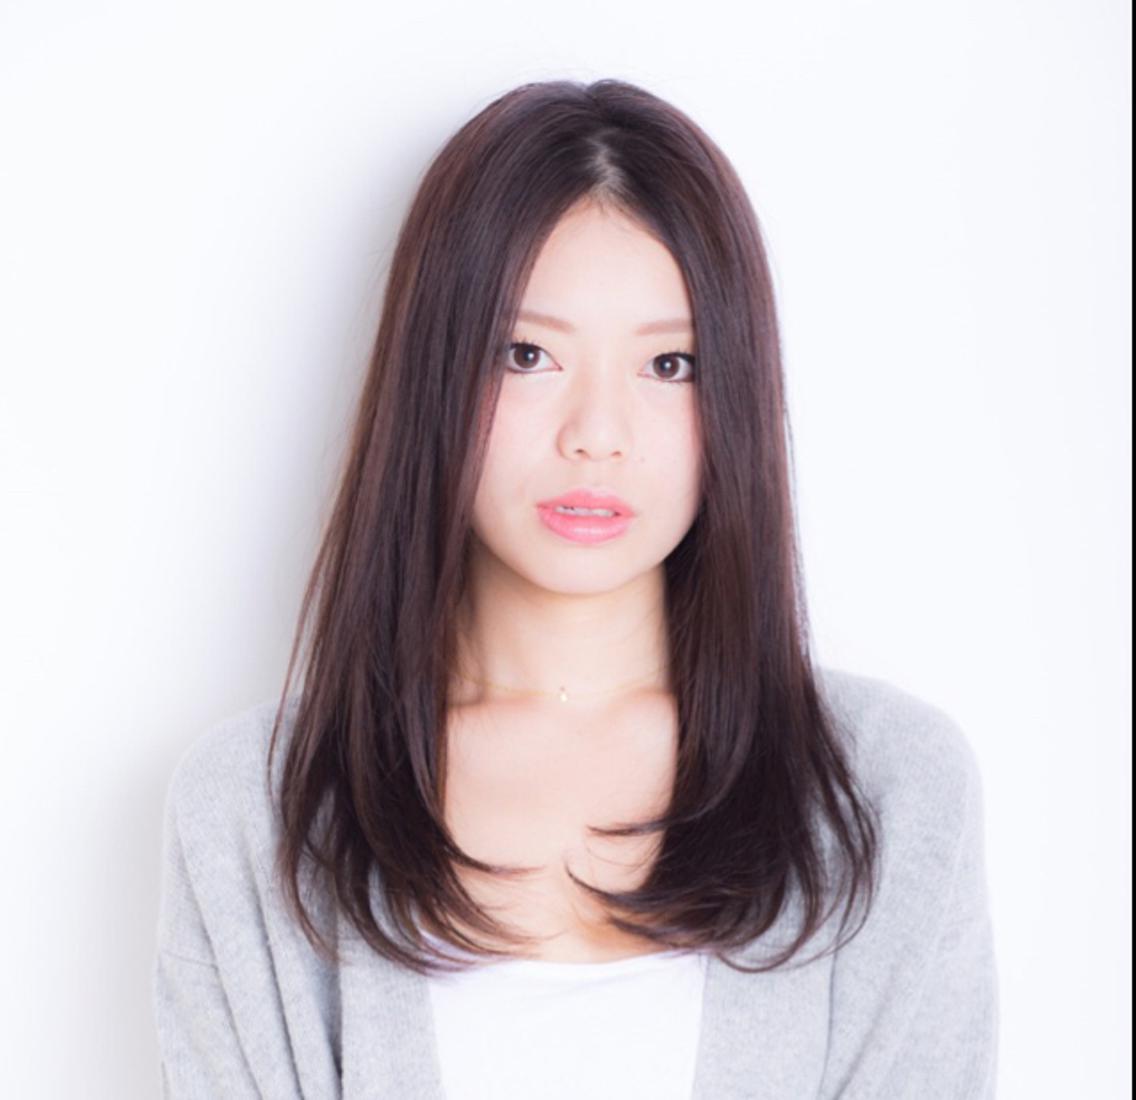 【急募】11月4日カットモデル【銀座・新橋】トリートメントサービス